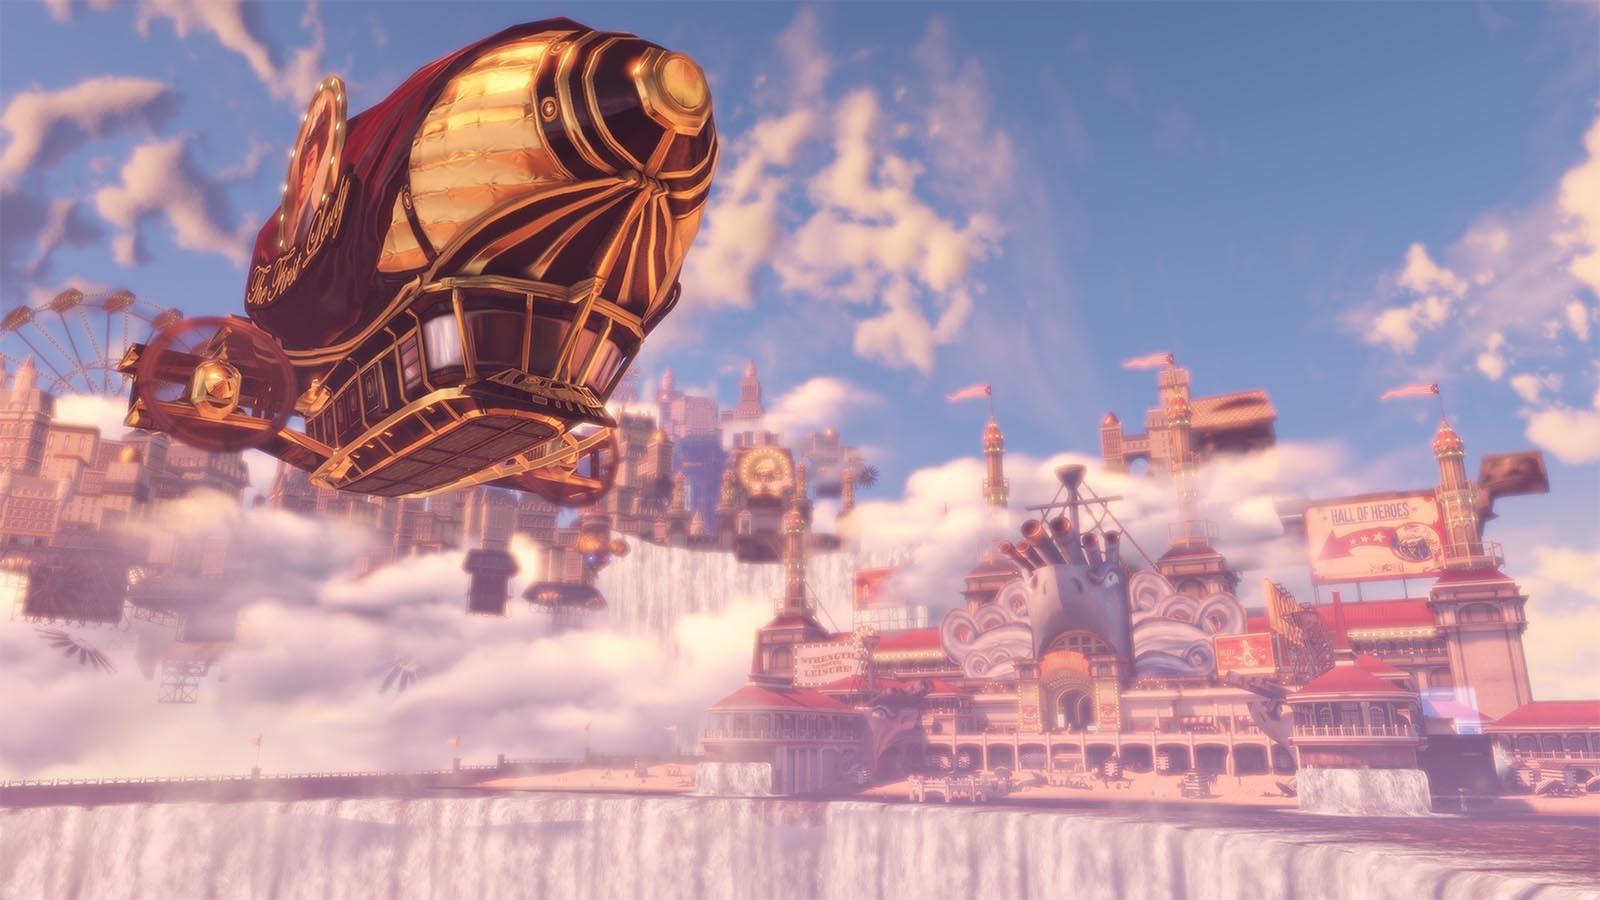 BioShock Infinite PC Game Full Version Free Download